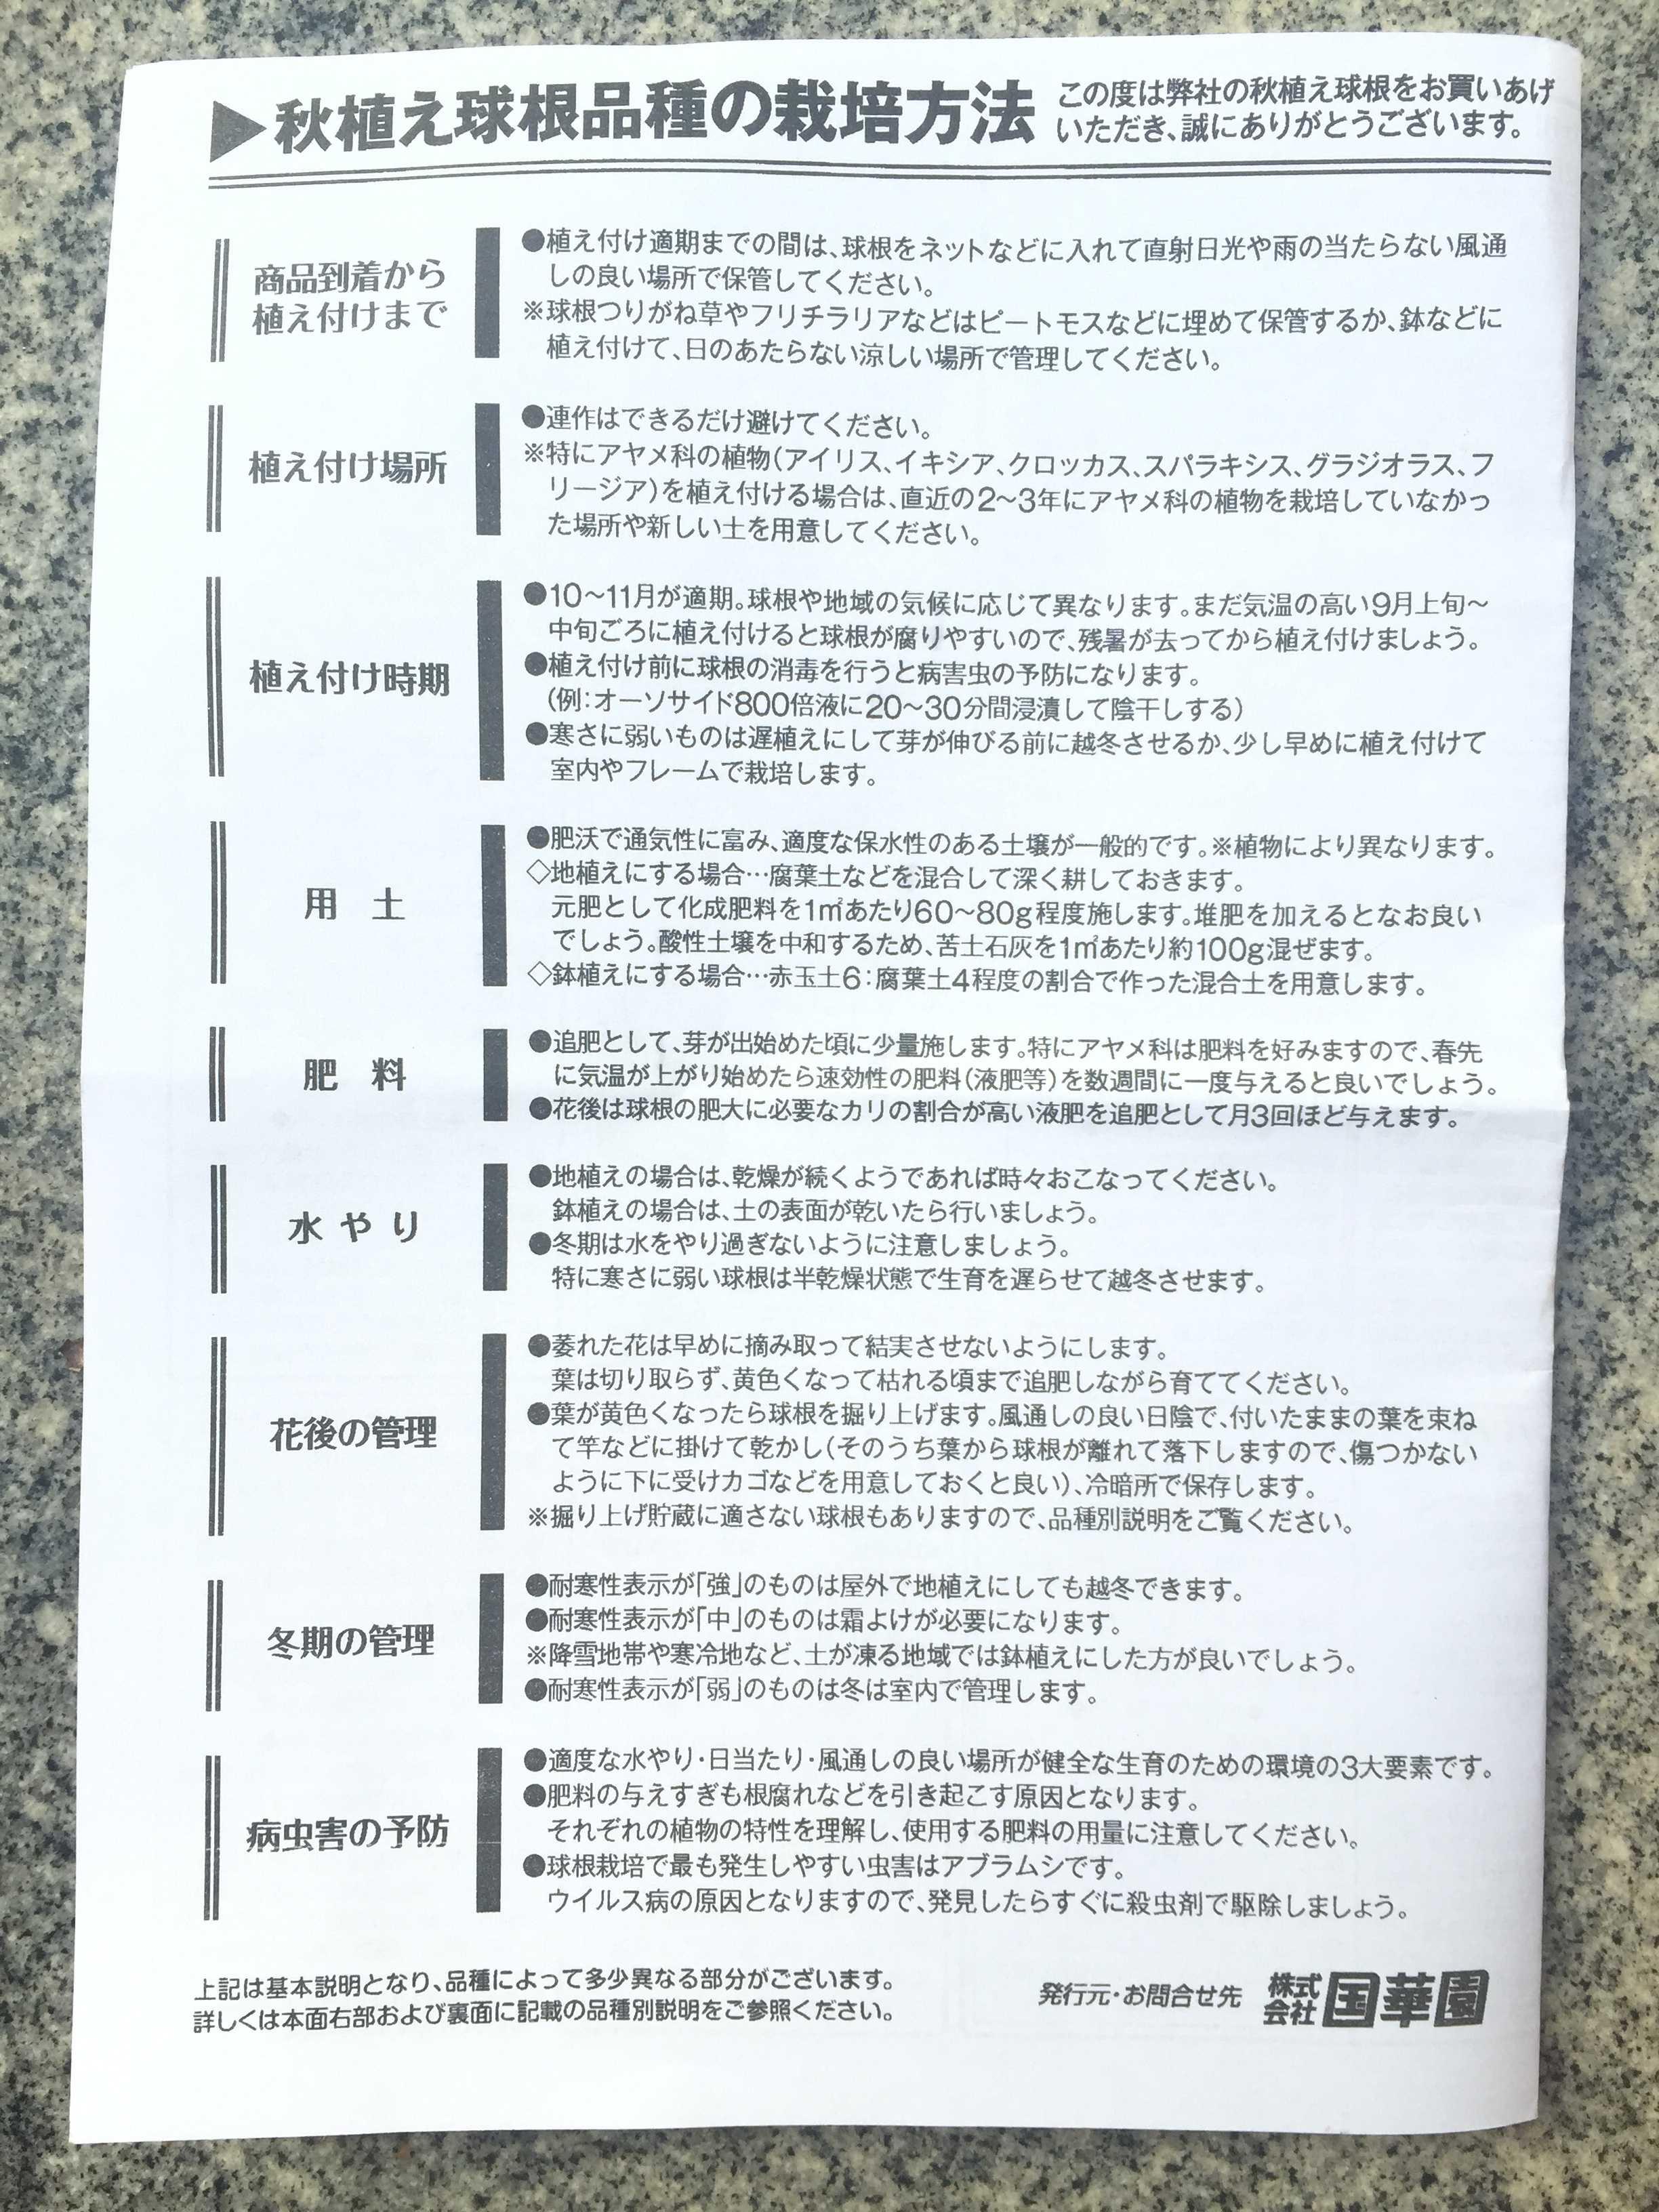 秋植え球根品種の栽培方法(国華園) - 水仙の球根の植え方